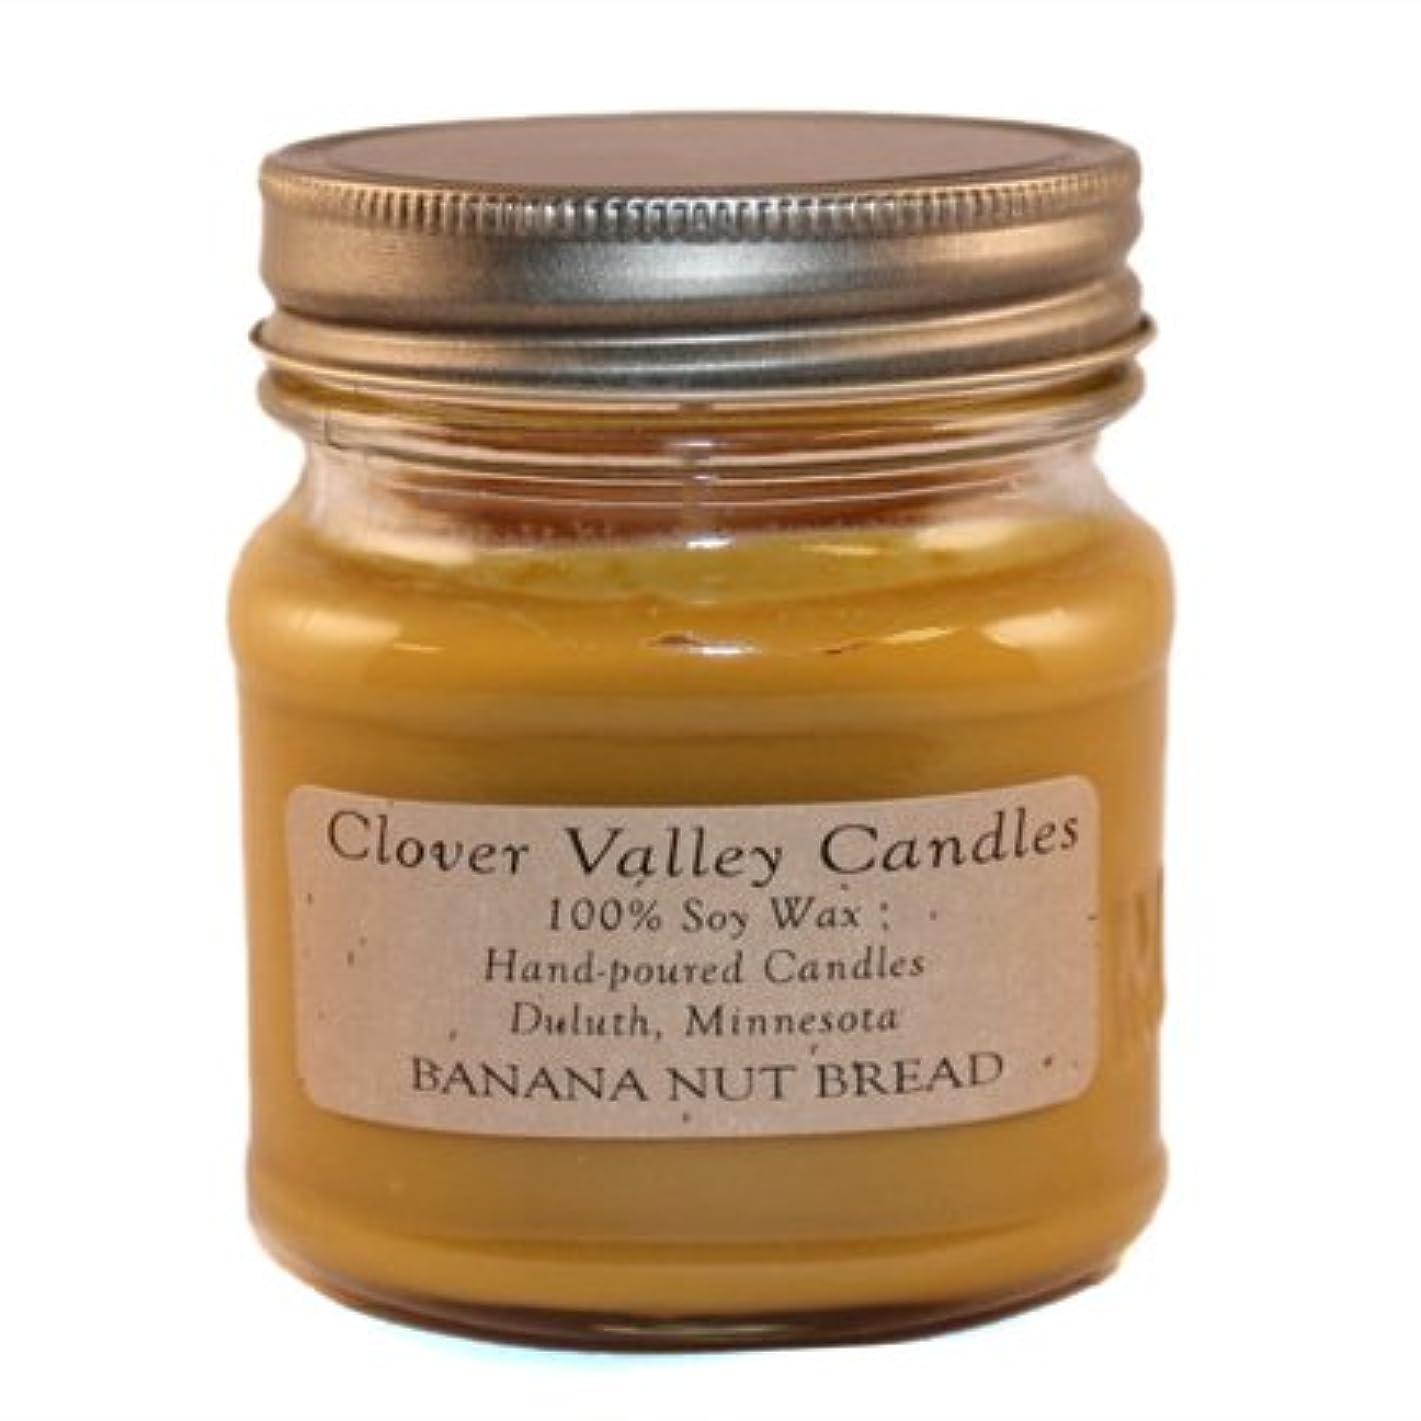 上向きロゴプロポーショナルBanana Nut Bread Half Pint Scented Candle byクローバーValleyキャンドル